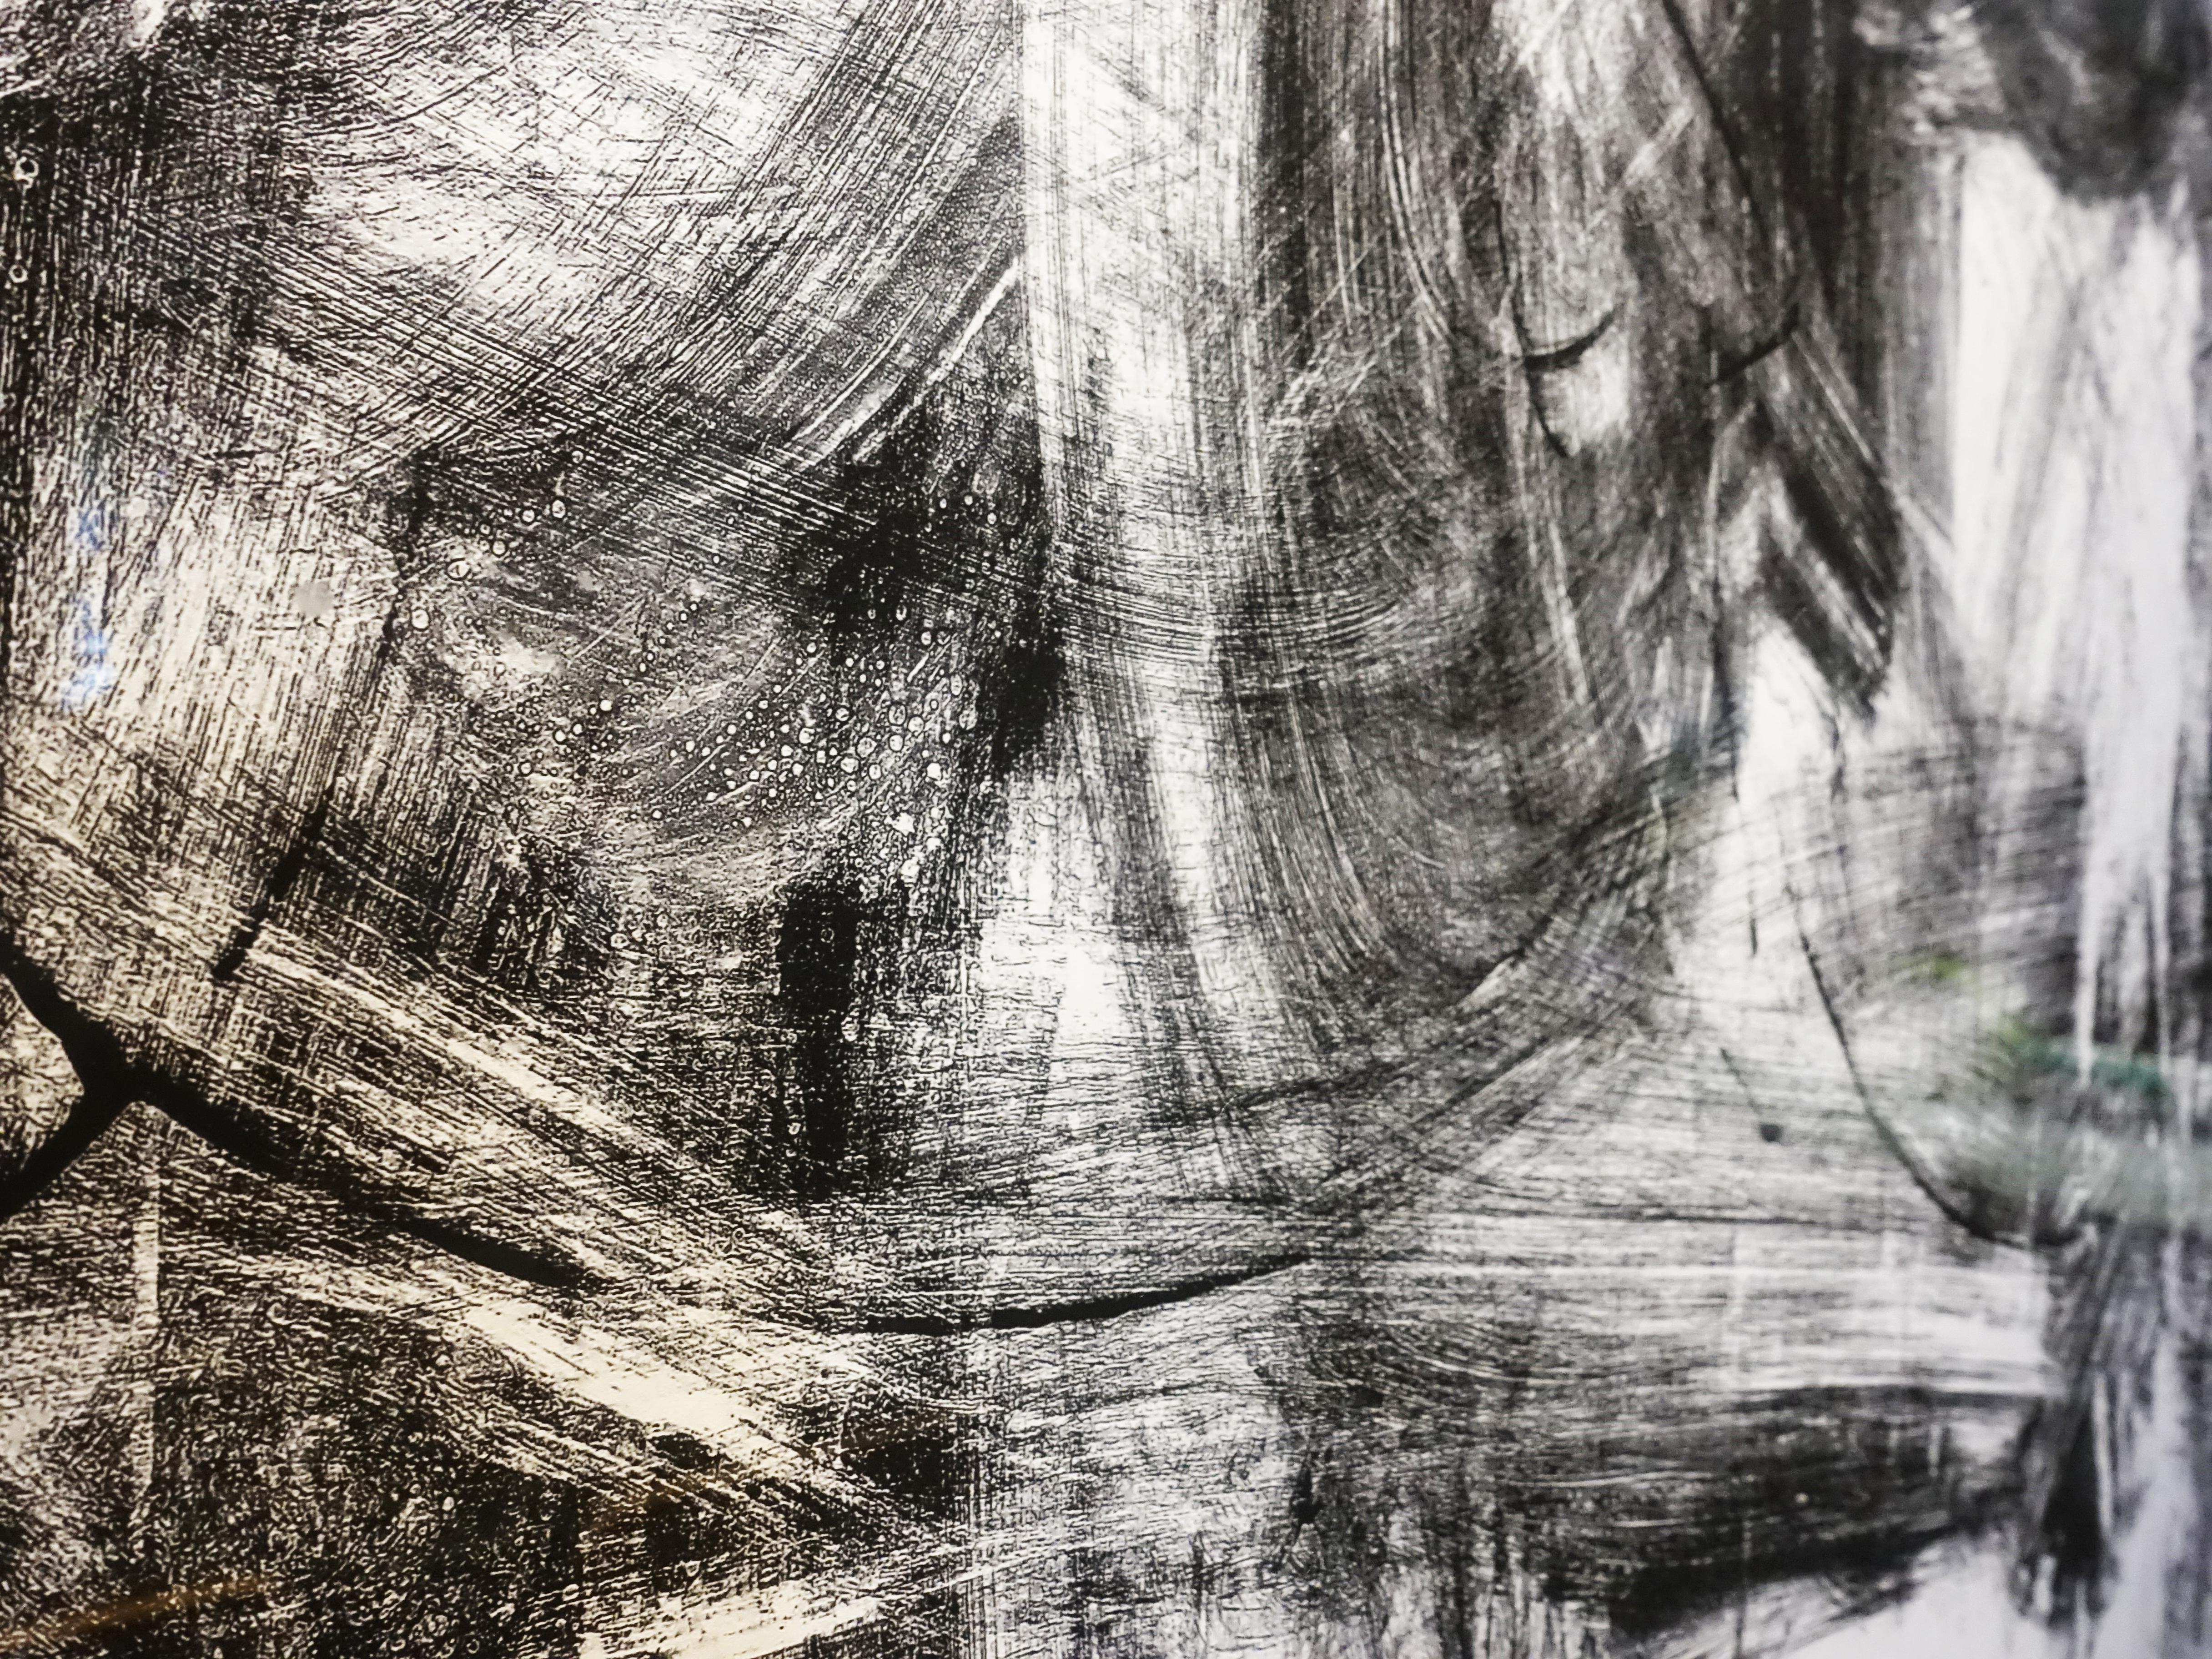 小山俊孝,《後當代表現主義#59_b》細節,30 x 30 in,攝影、無酸藝術紙,2019。